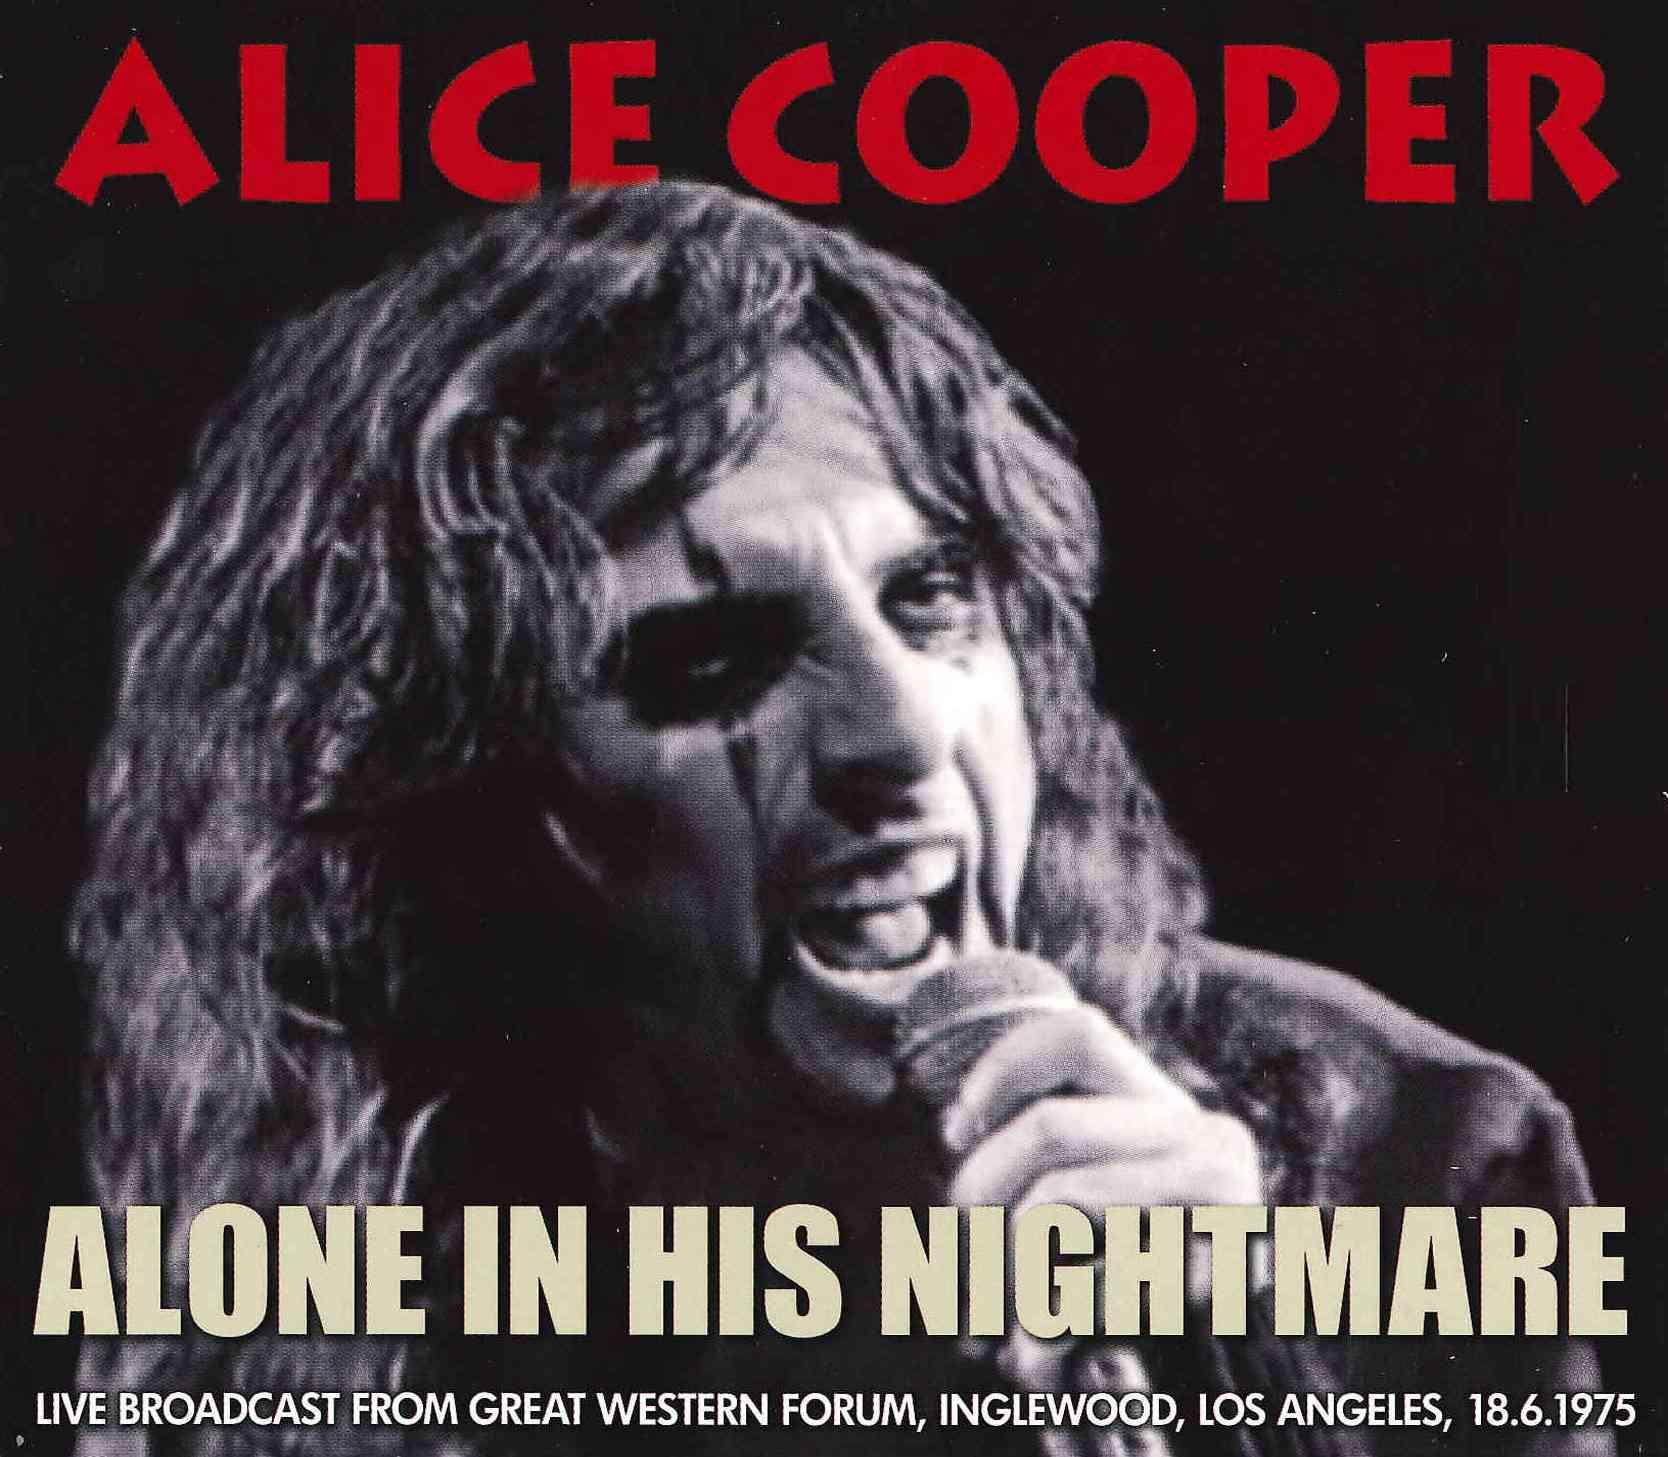 Alice Cooper - Alone in His Nightmare